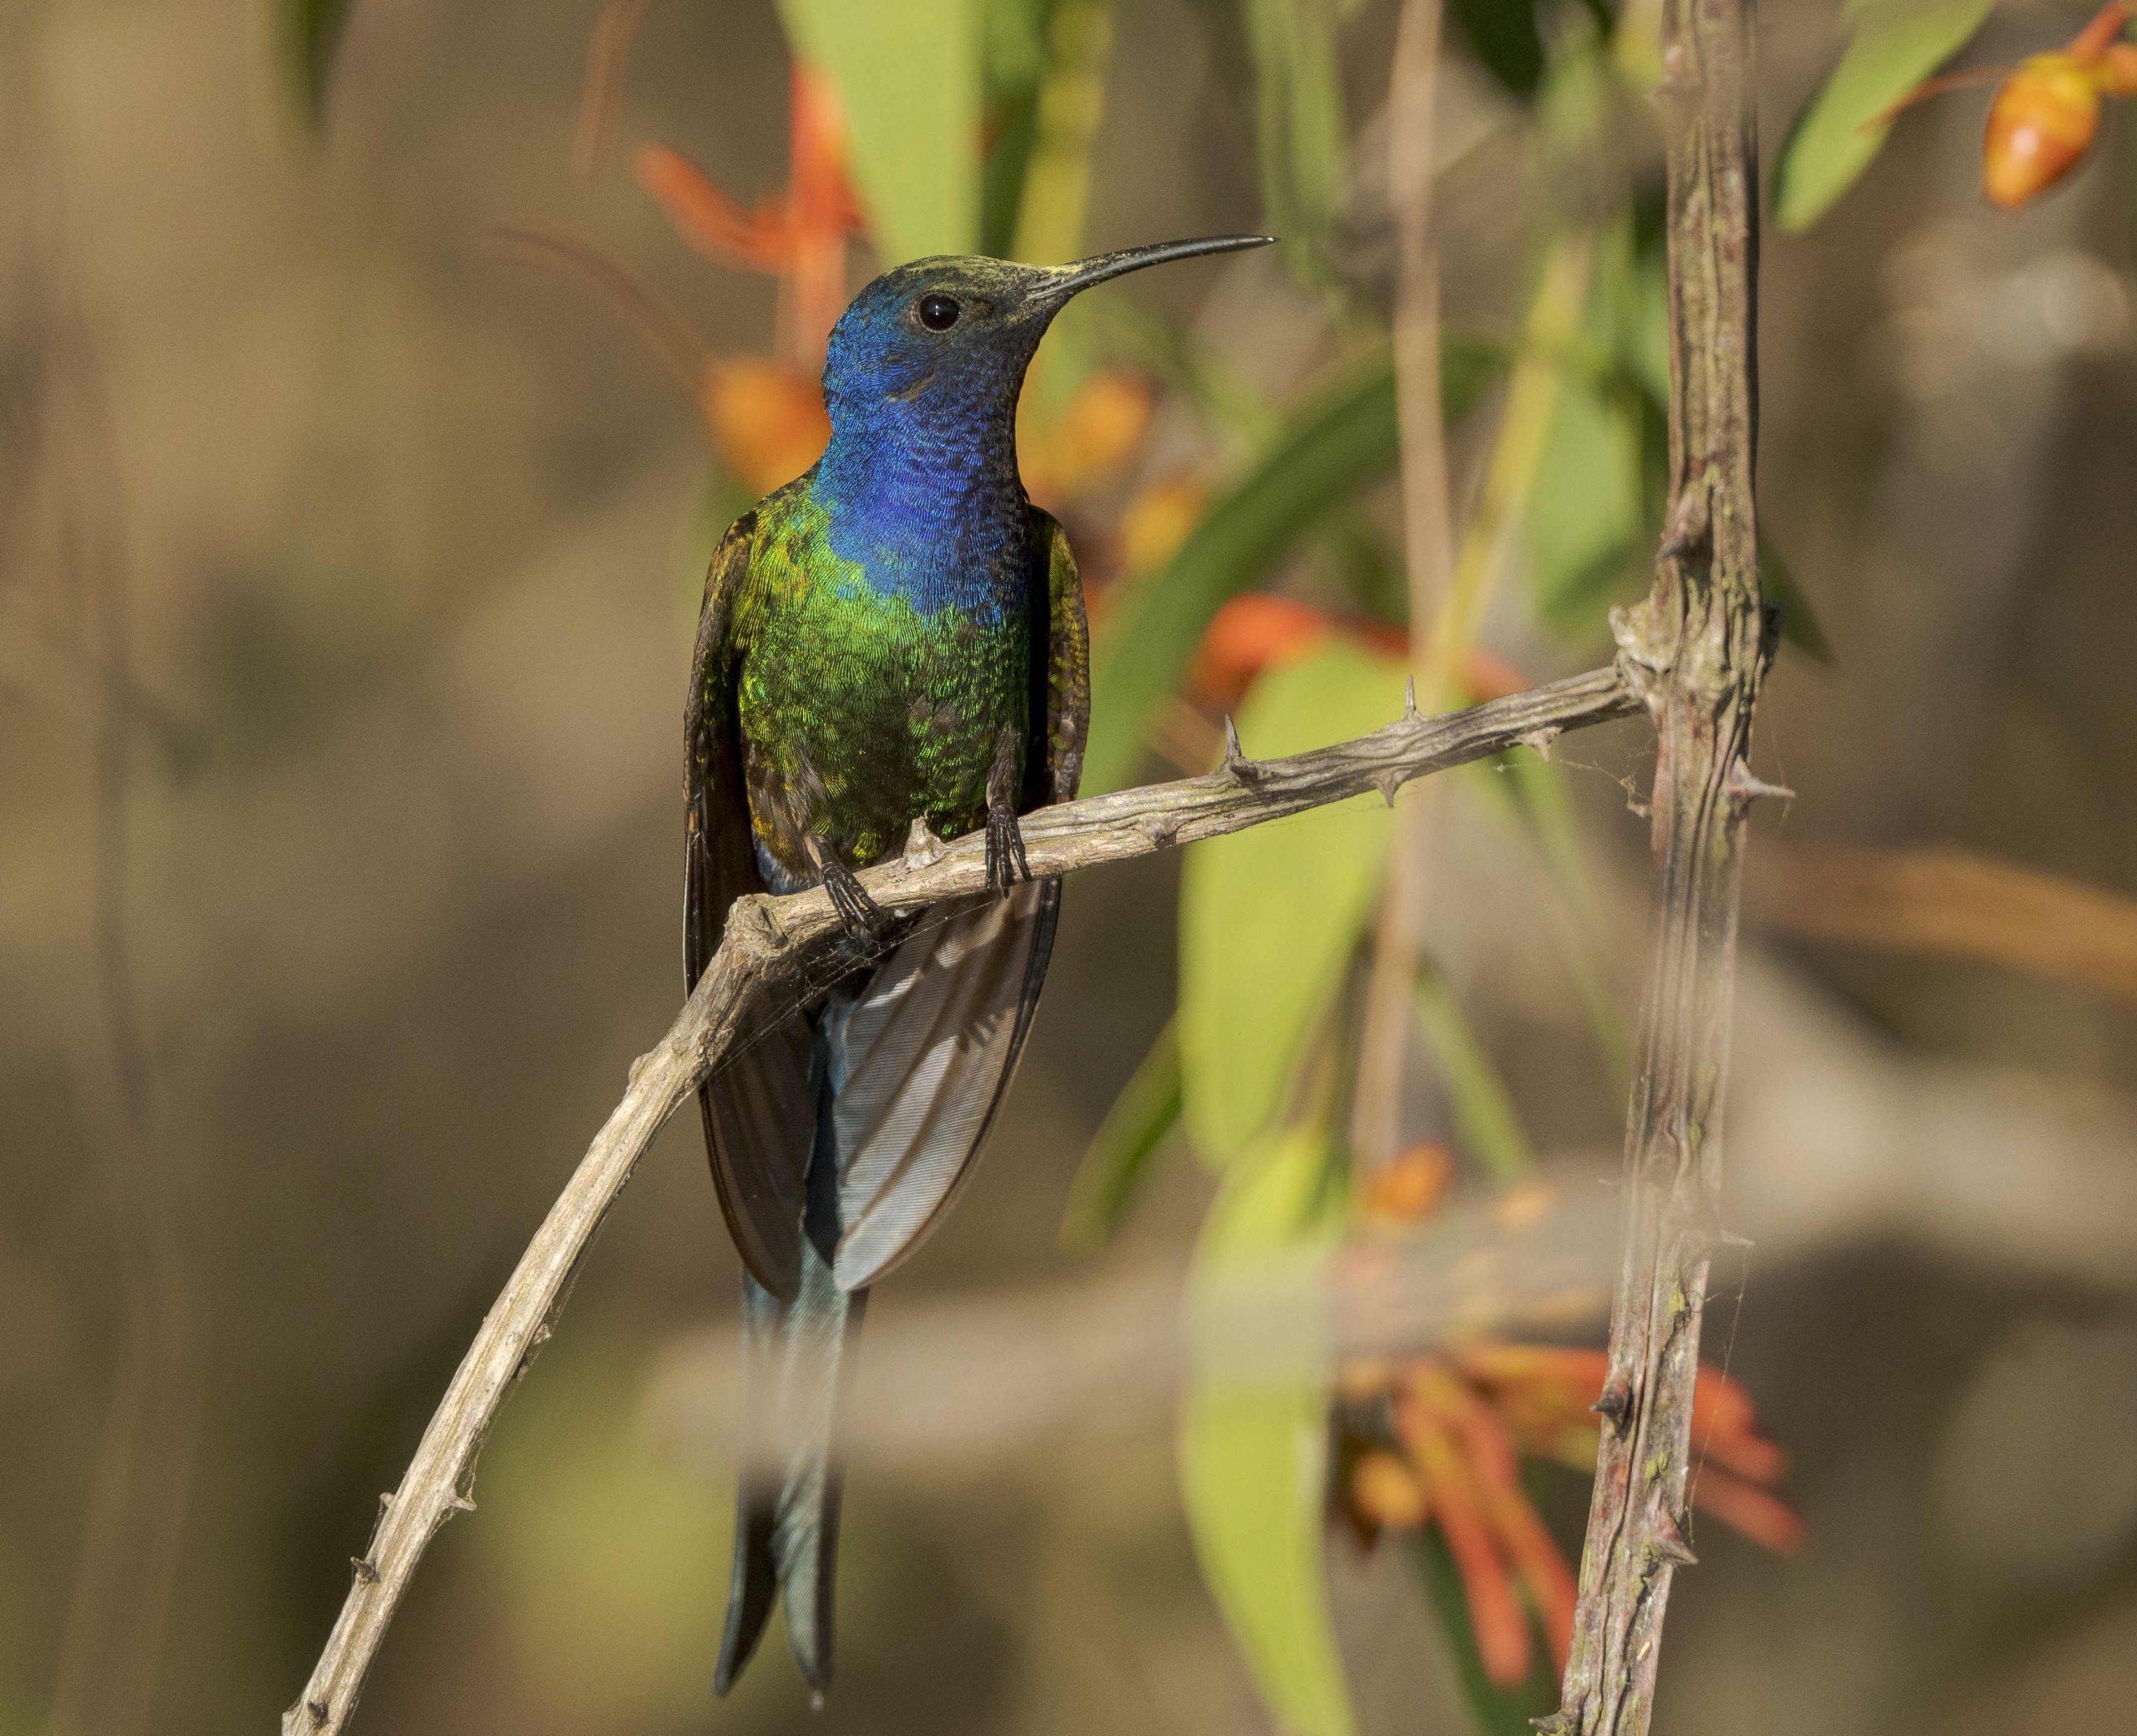 Colibrì coda di rondine in Paraguay